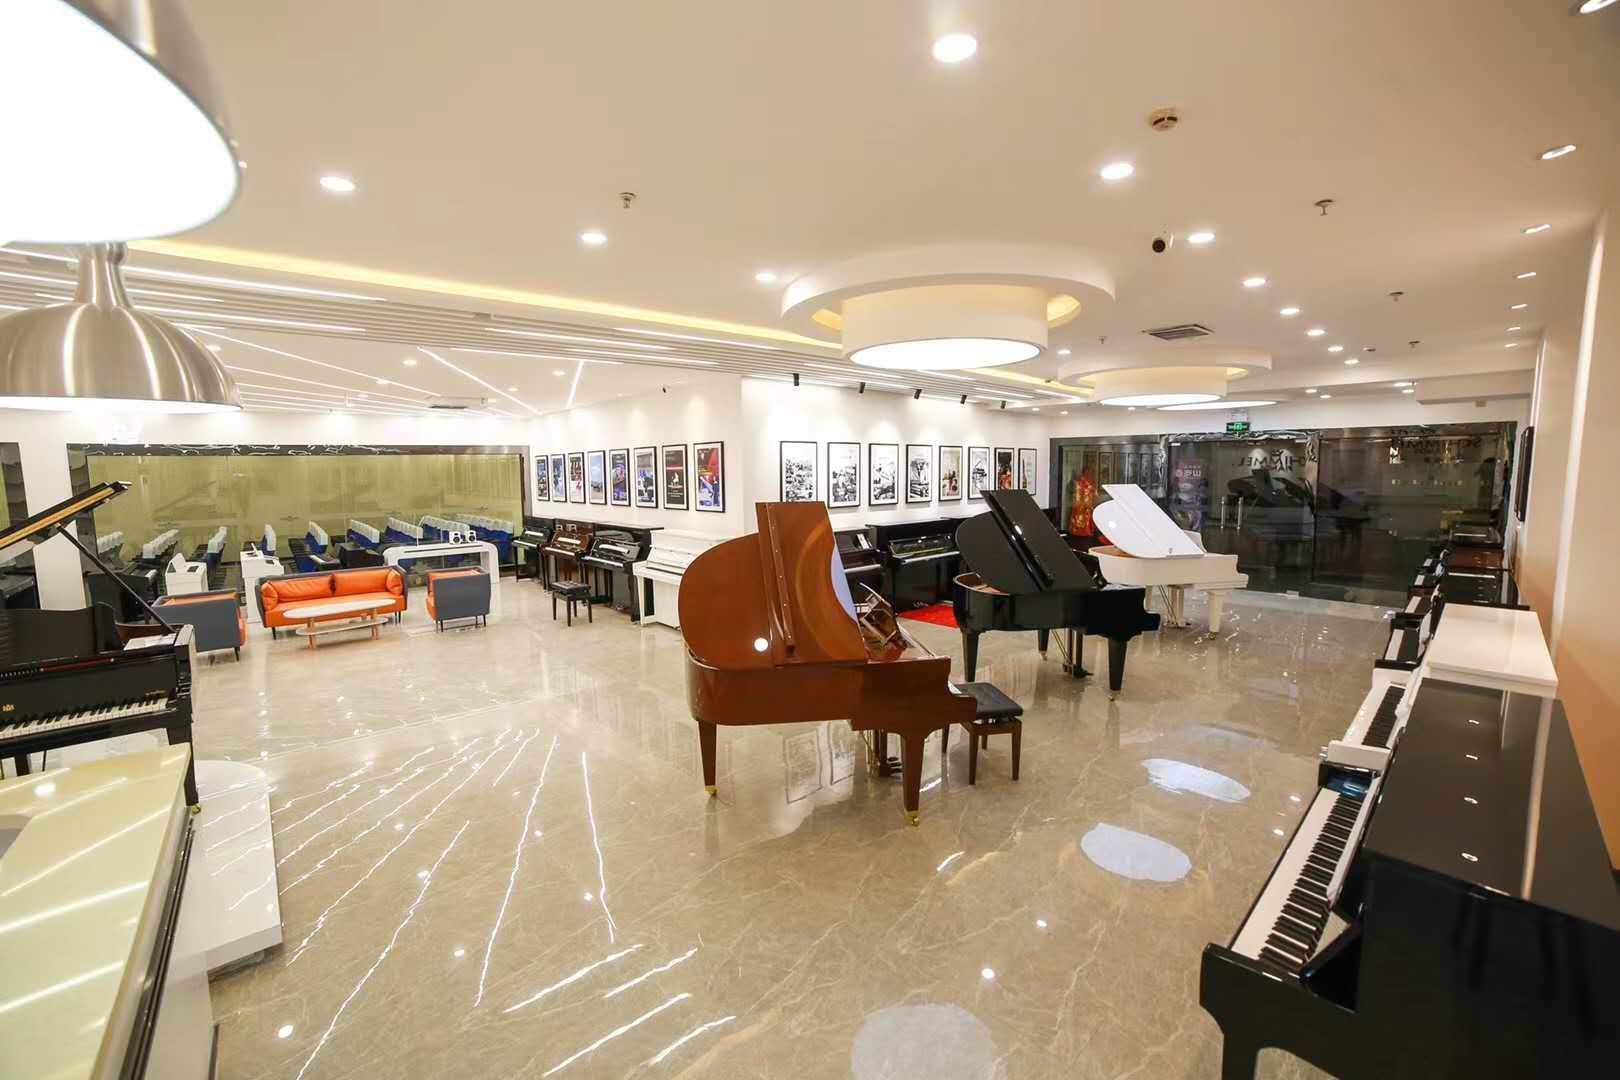 乌鲁木齐德国舒密尔钢琴价格-哈密德国舒密尔钢琴选购